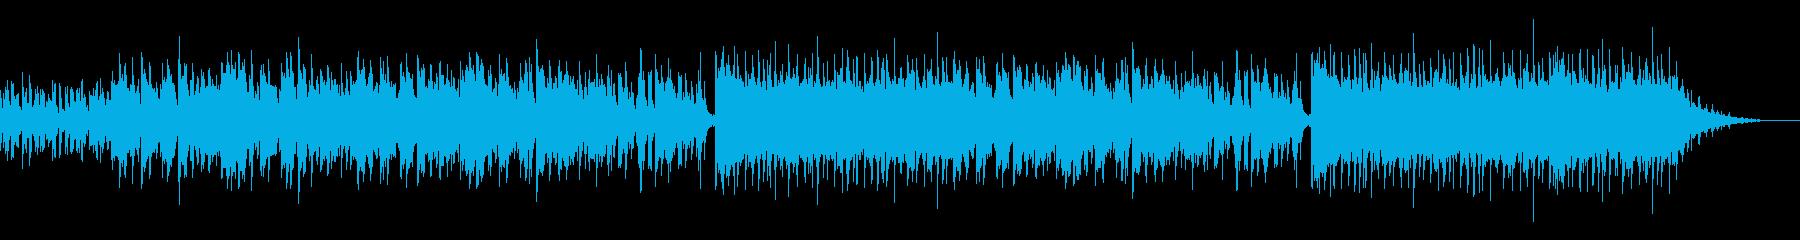 不気味でカオスなファンクの再生済みの波形